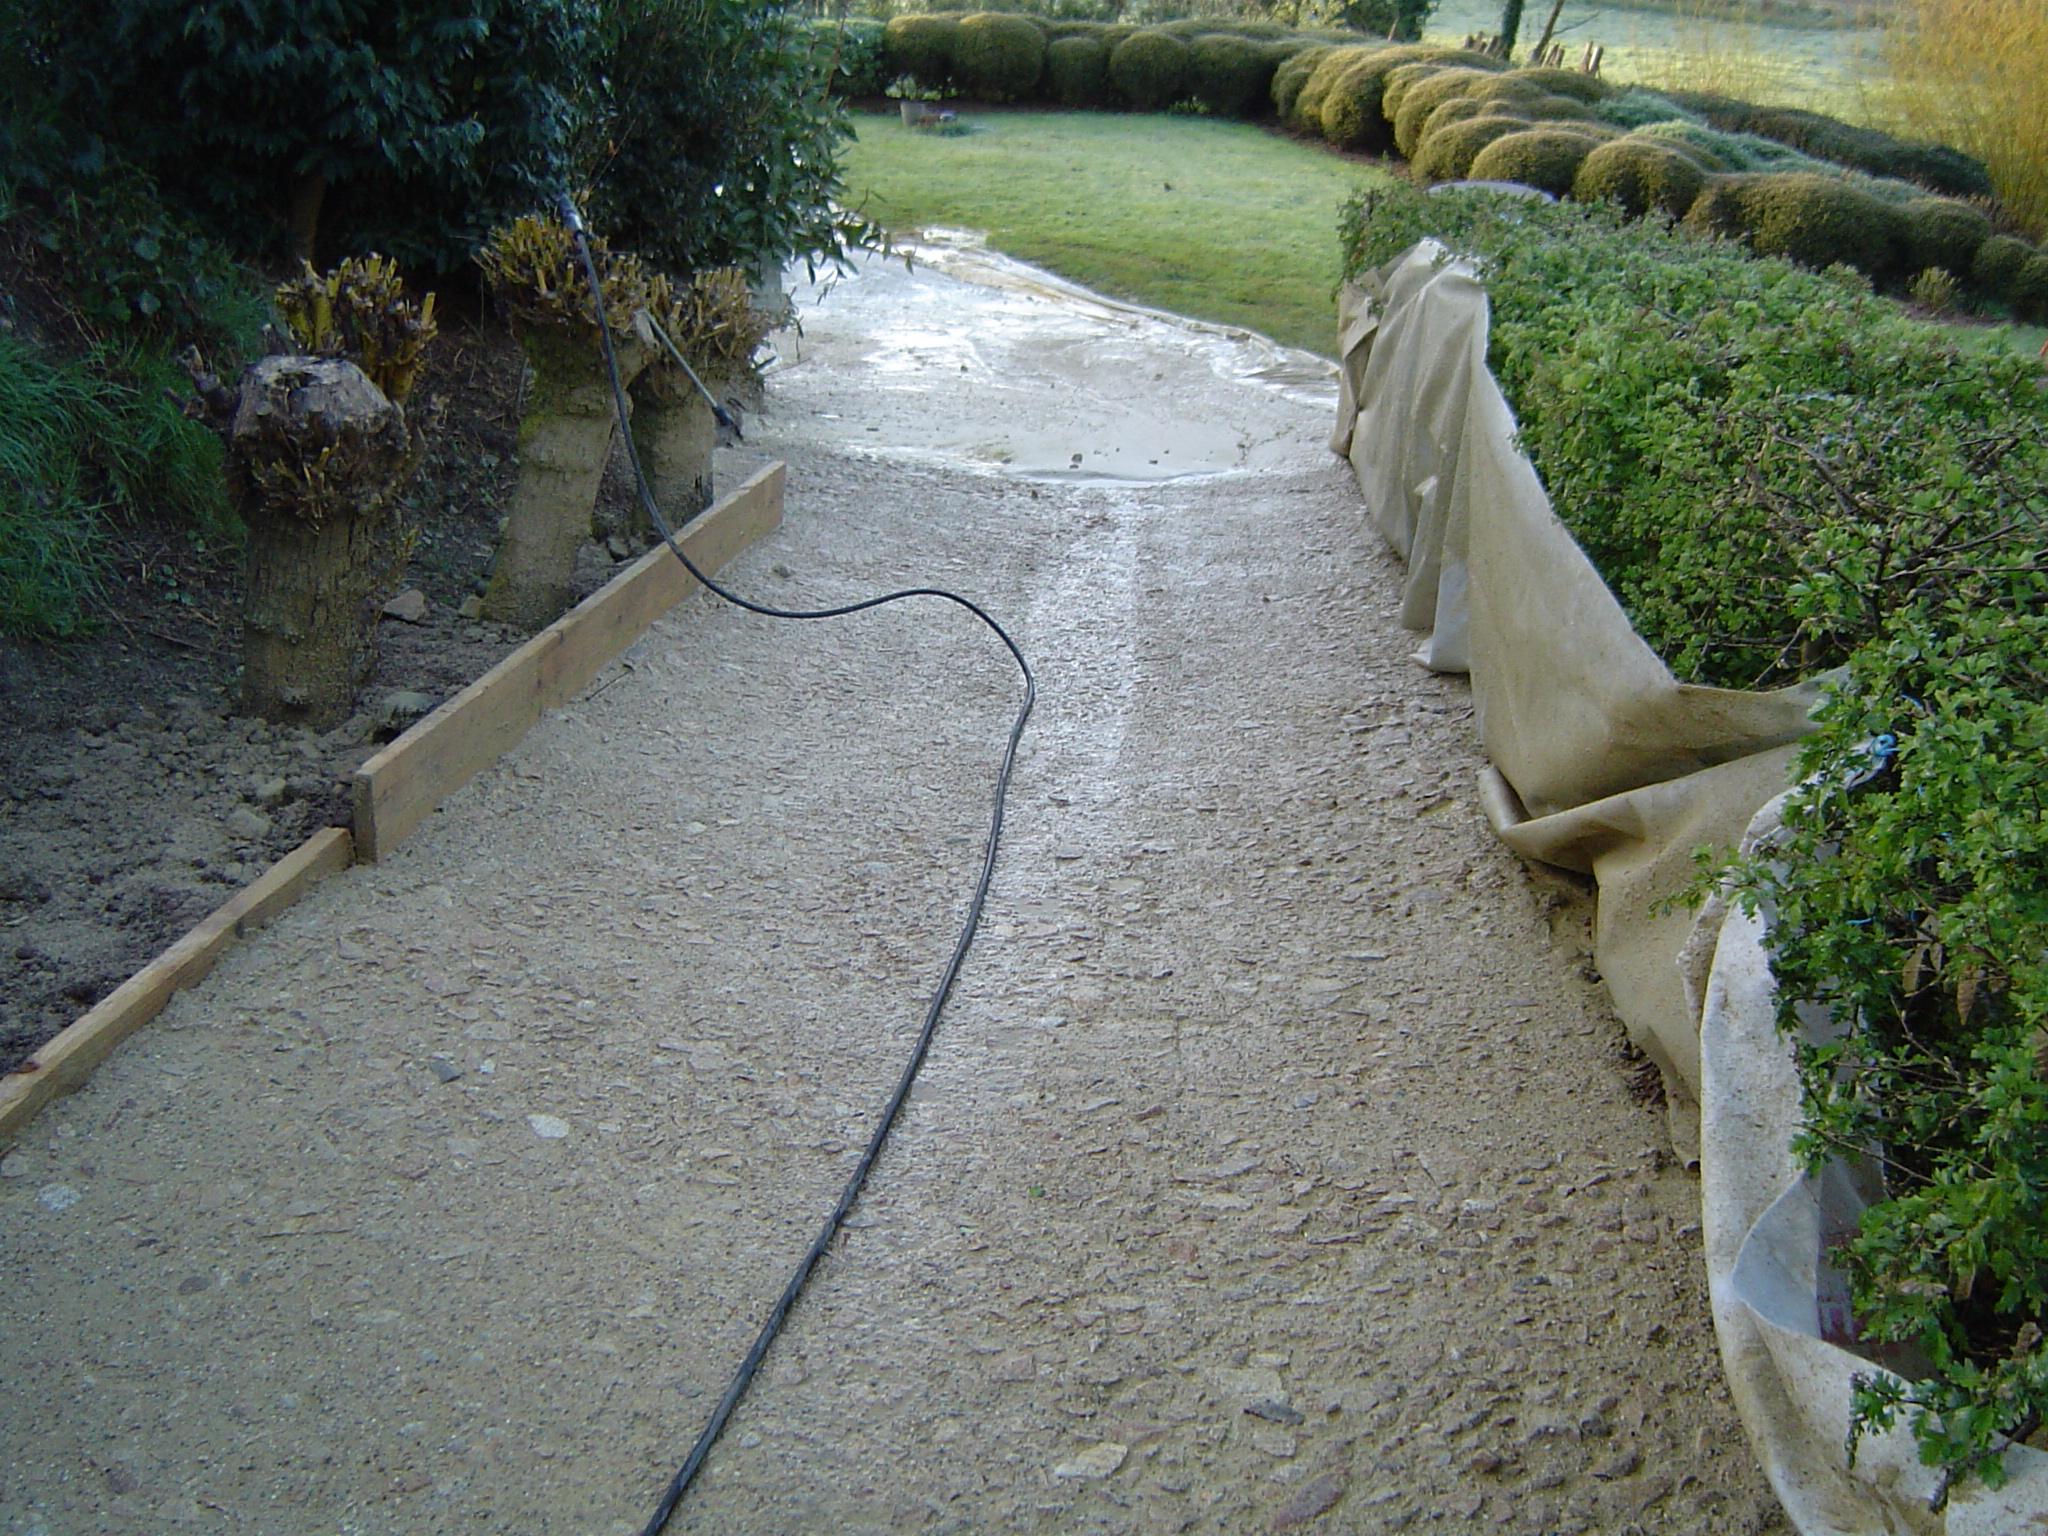 Allee de jardin en beton all e de jardin r aliser une - Allee de jardin en beton ...